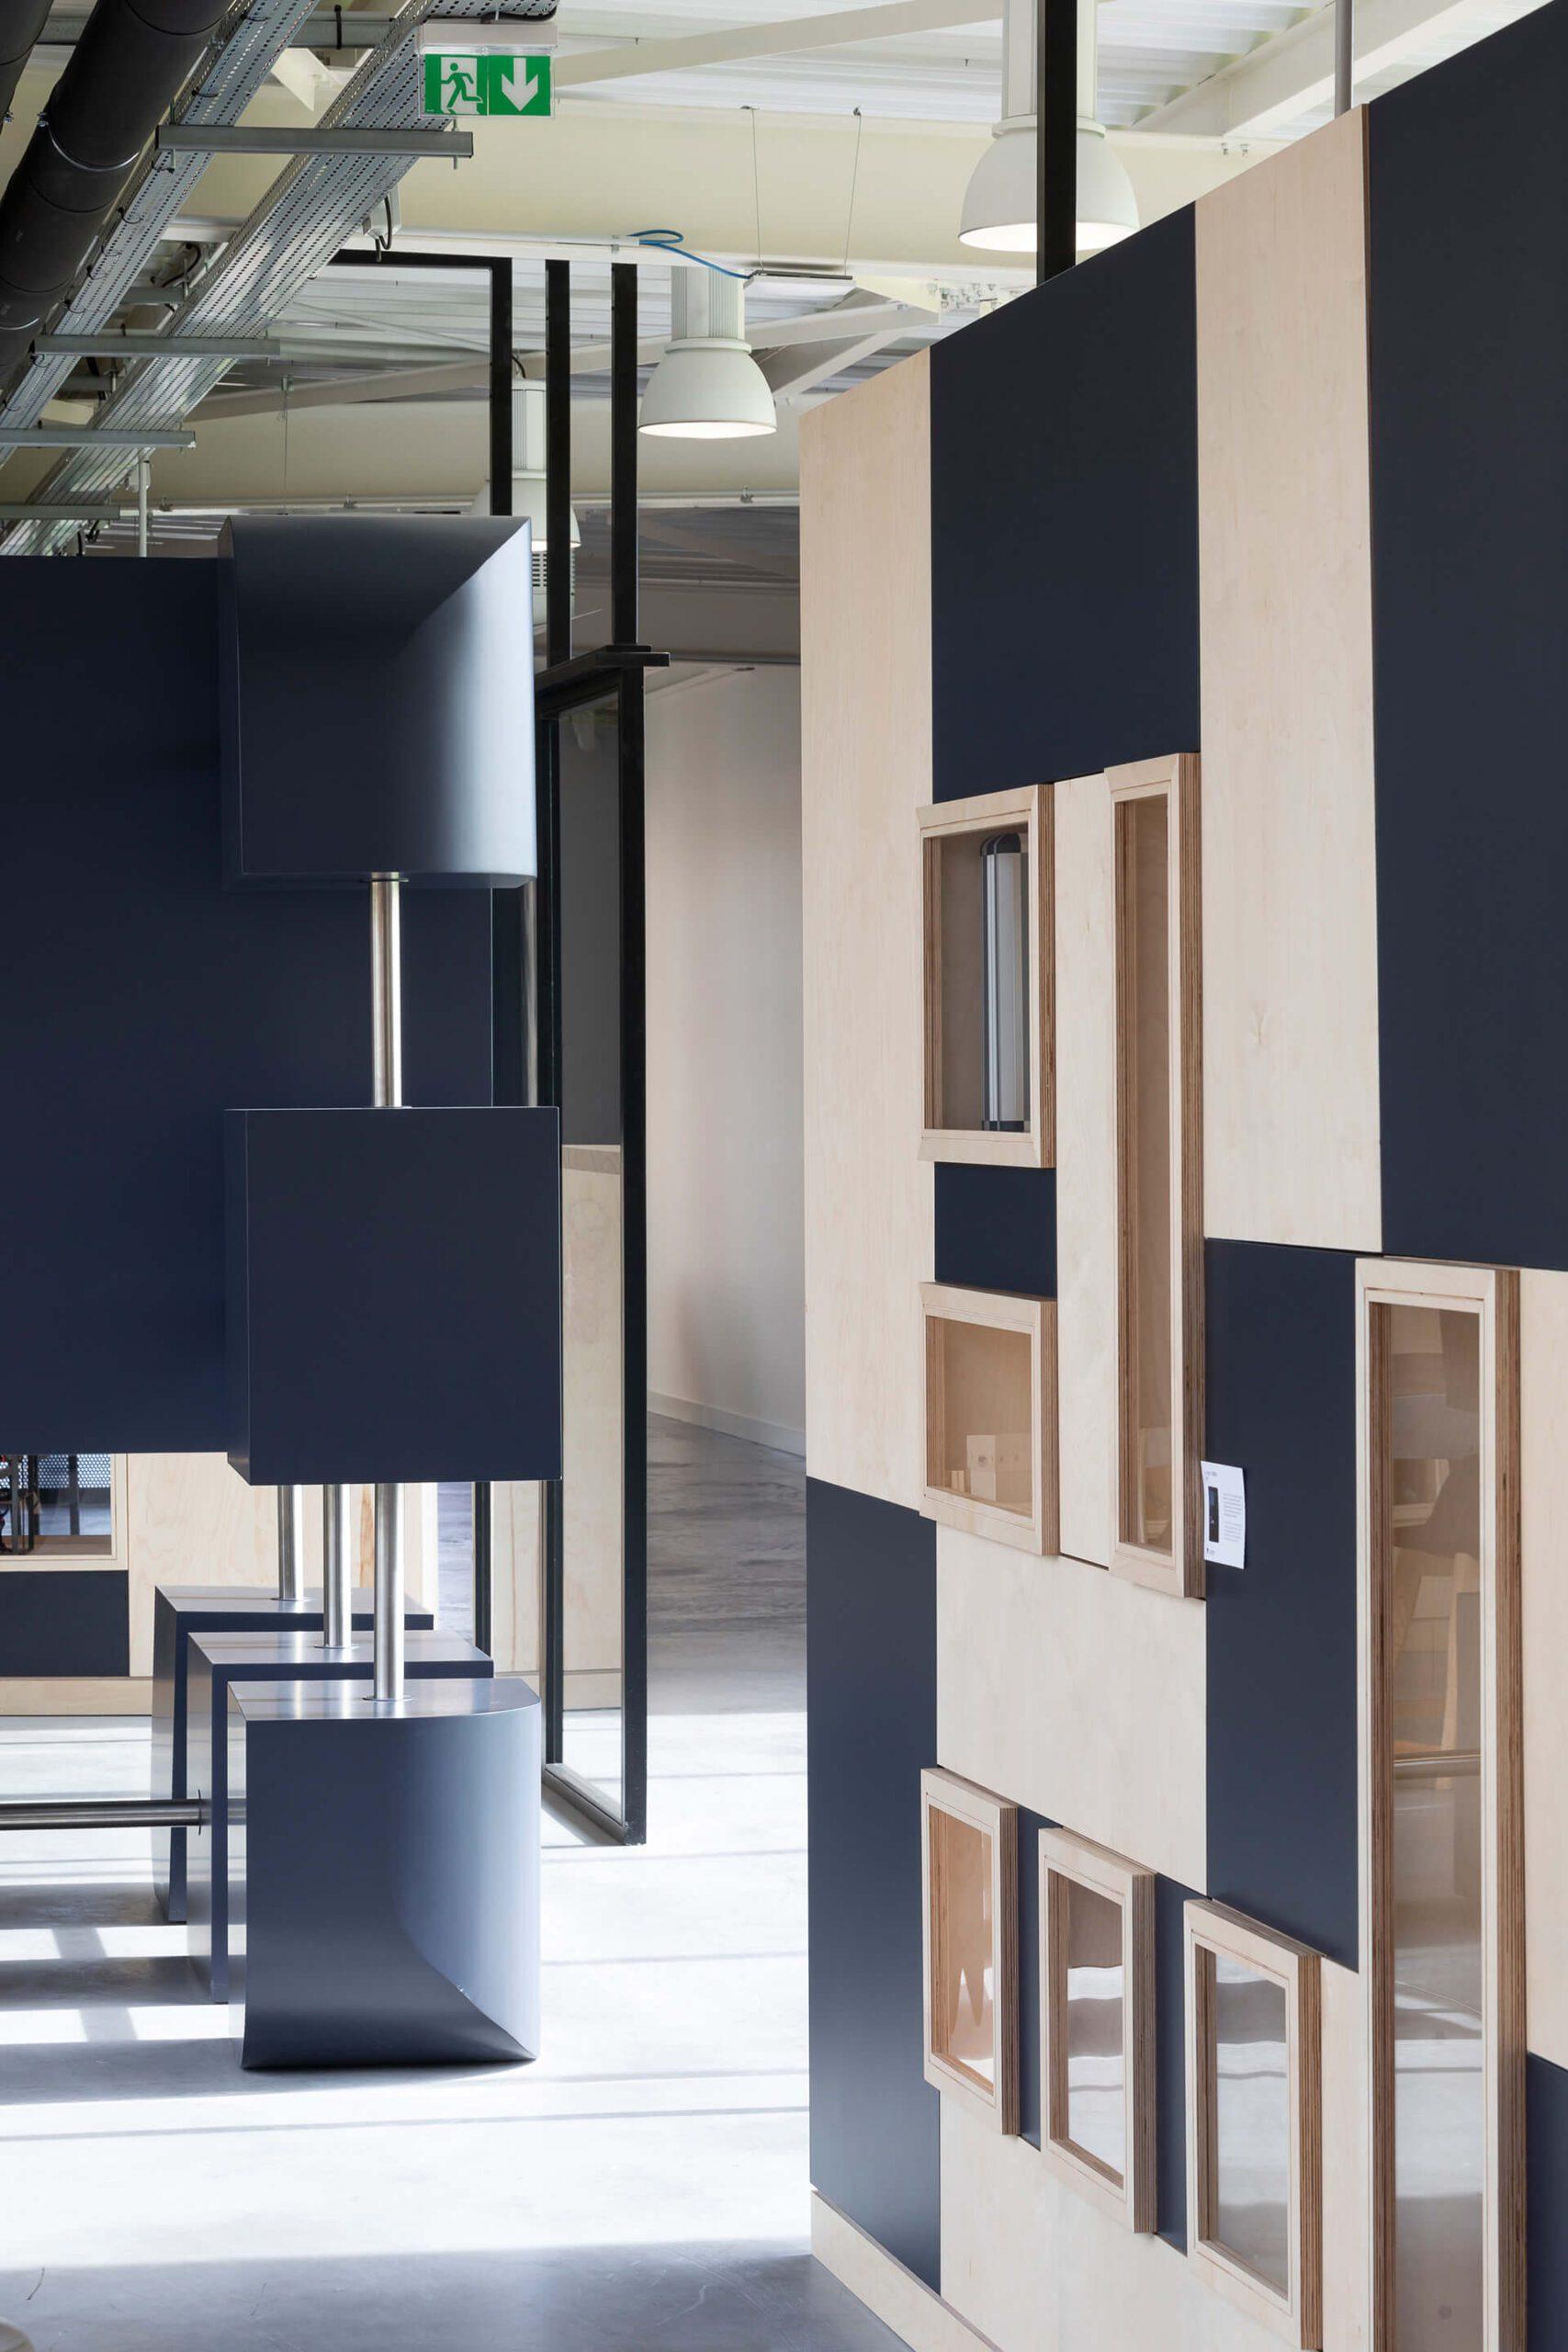 estante e mobiliário em madeira de centro de negócios